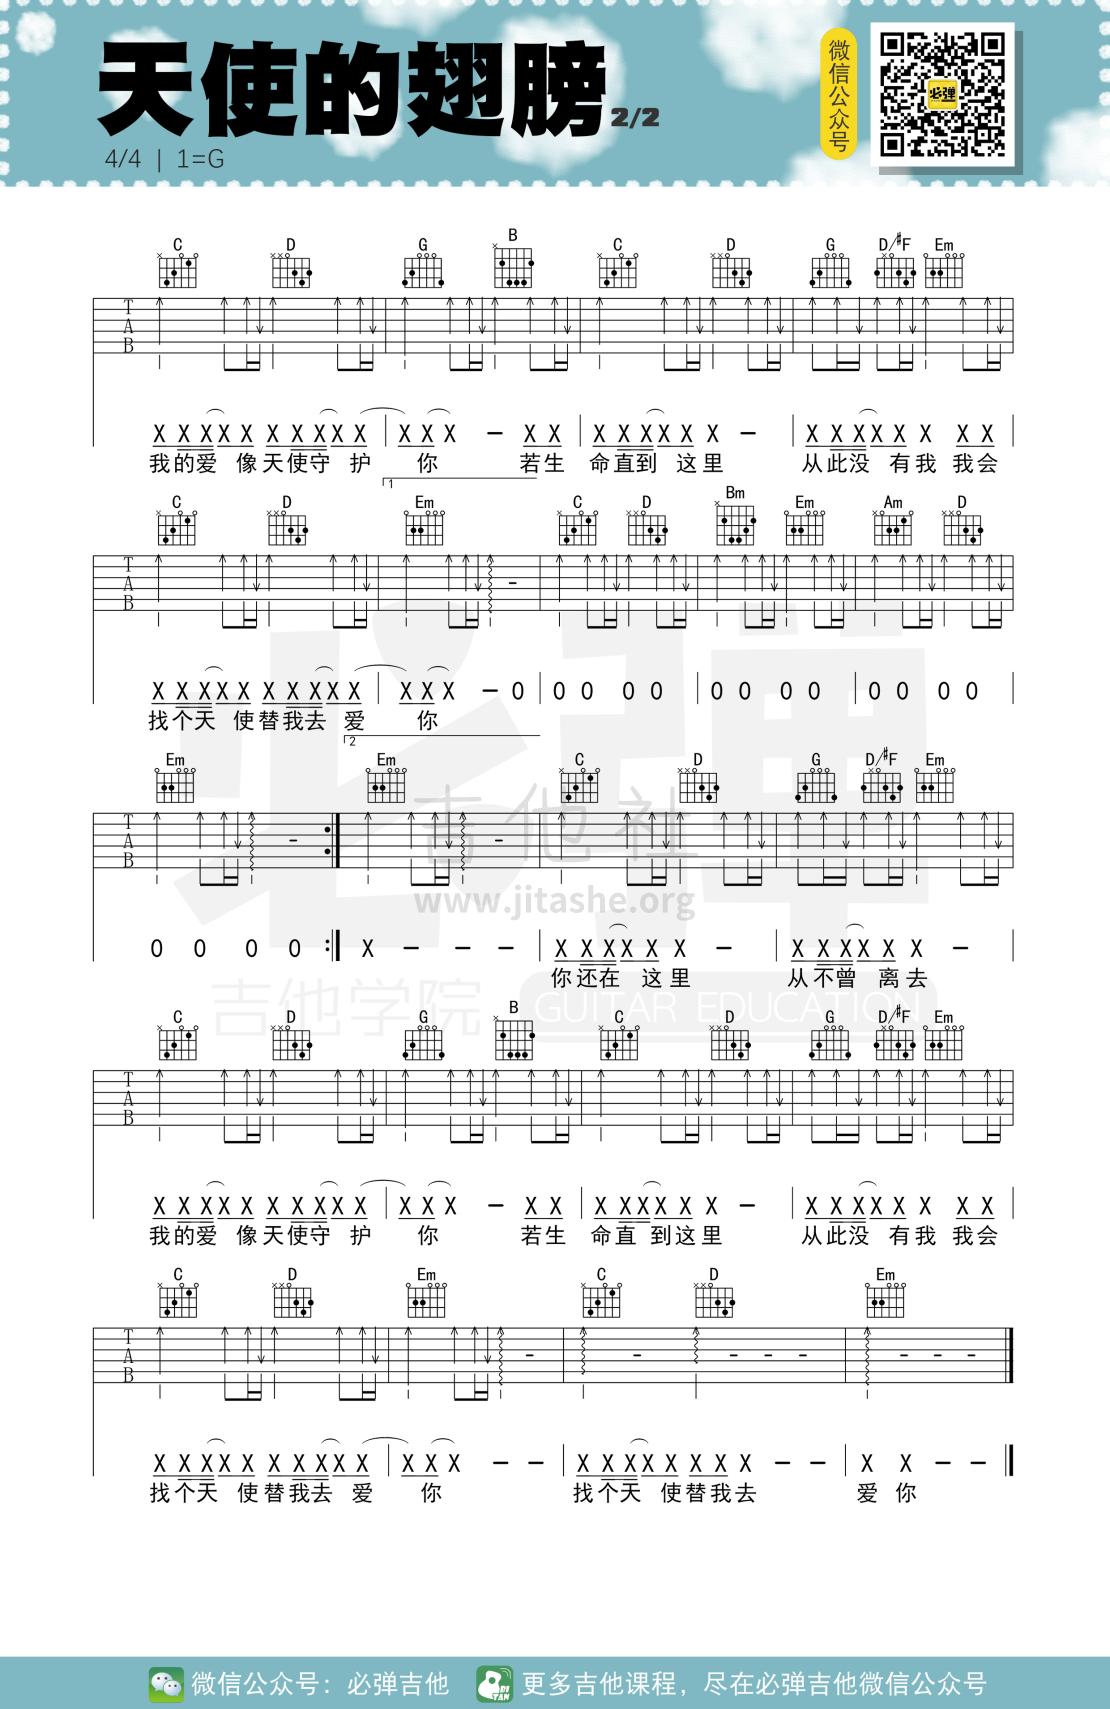 天使的翅膀(必弹吉他)吉他谱(图片谱,简单版,吉他弹唱,吉他谱)_刘大壮_kgq5bs5m0rhn6uqman5o.png